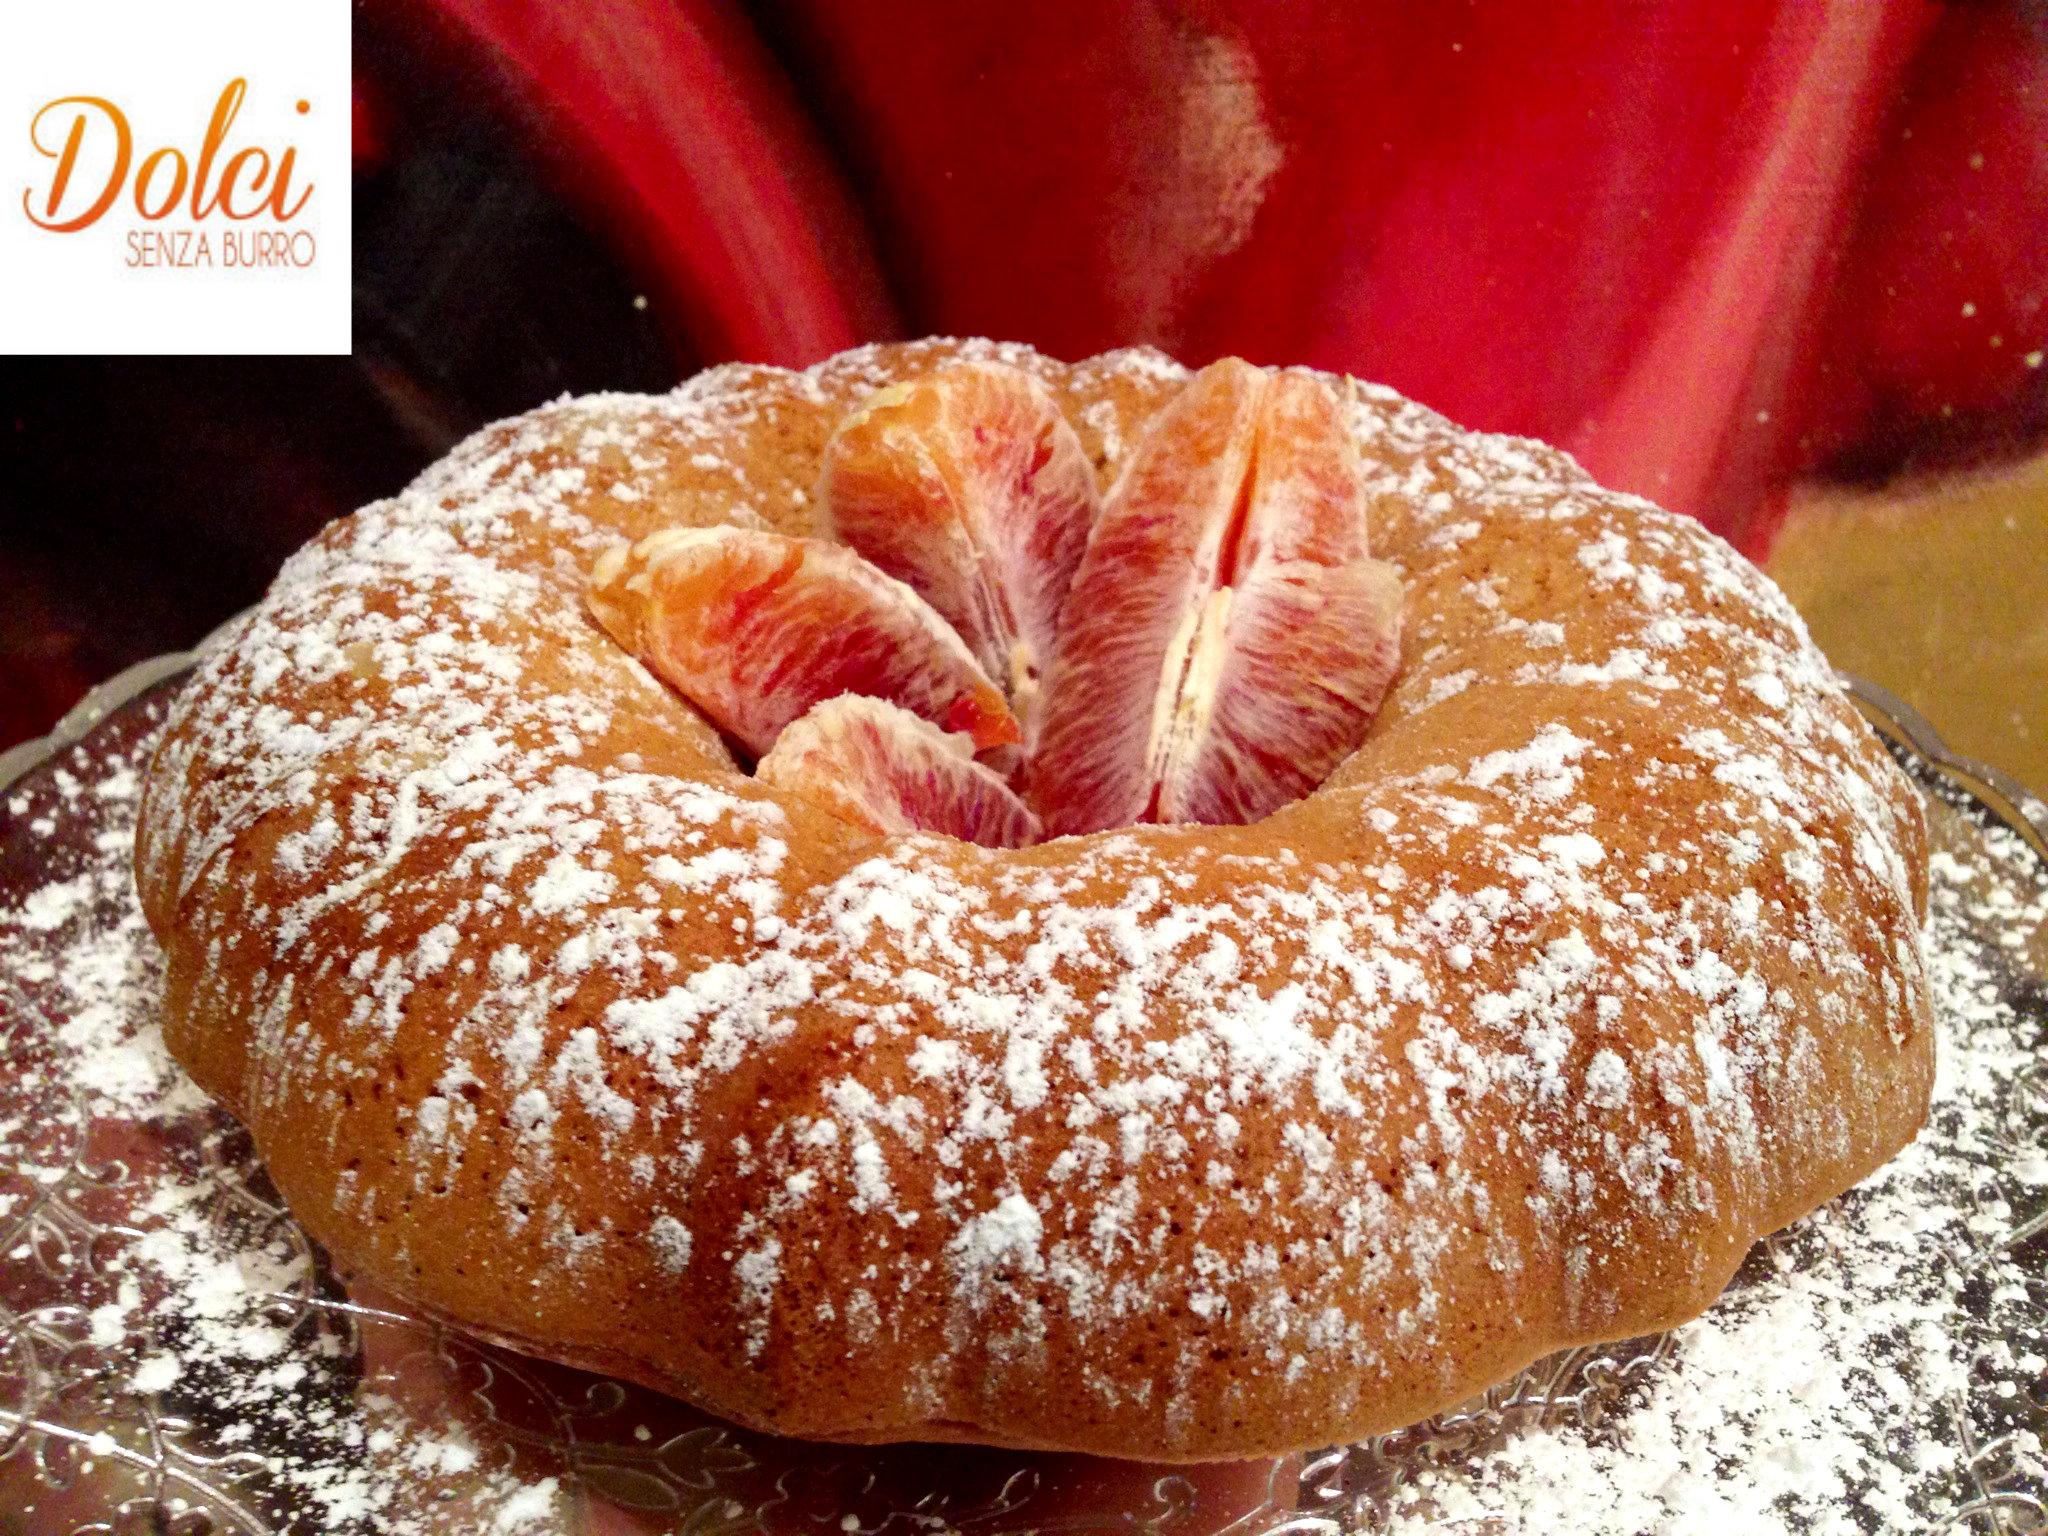 Il Ciambellone Senza Burro all'Arancia è una soffice e leggera torta senza burro e uova di dolci senza burro